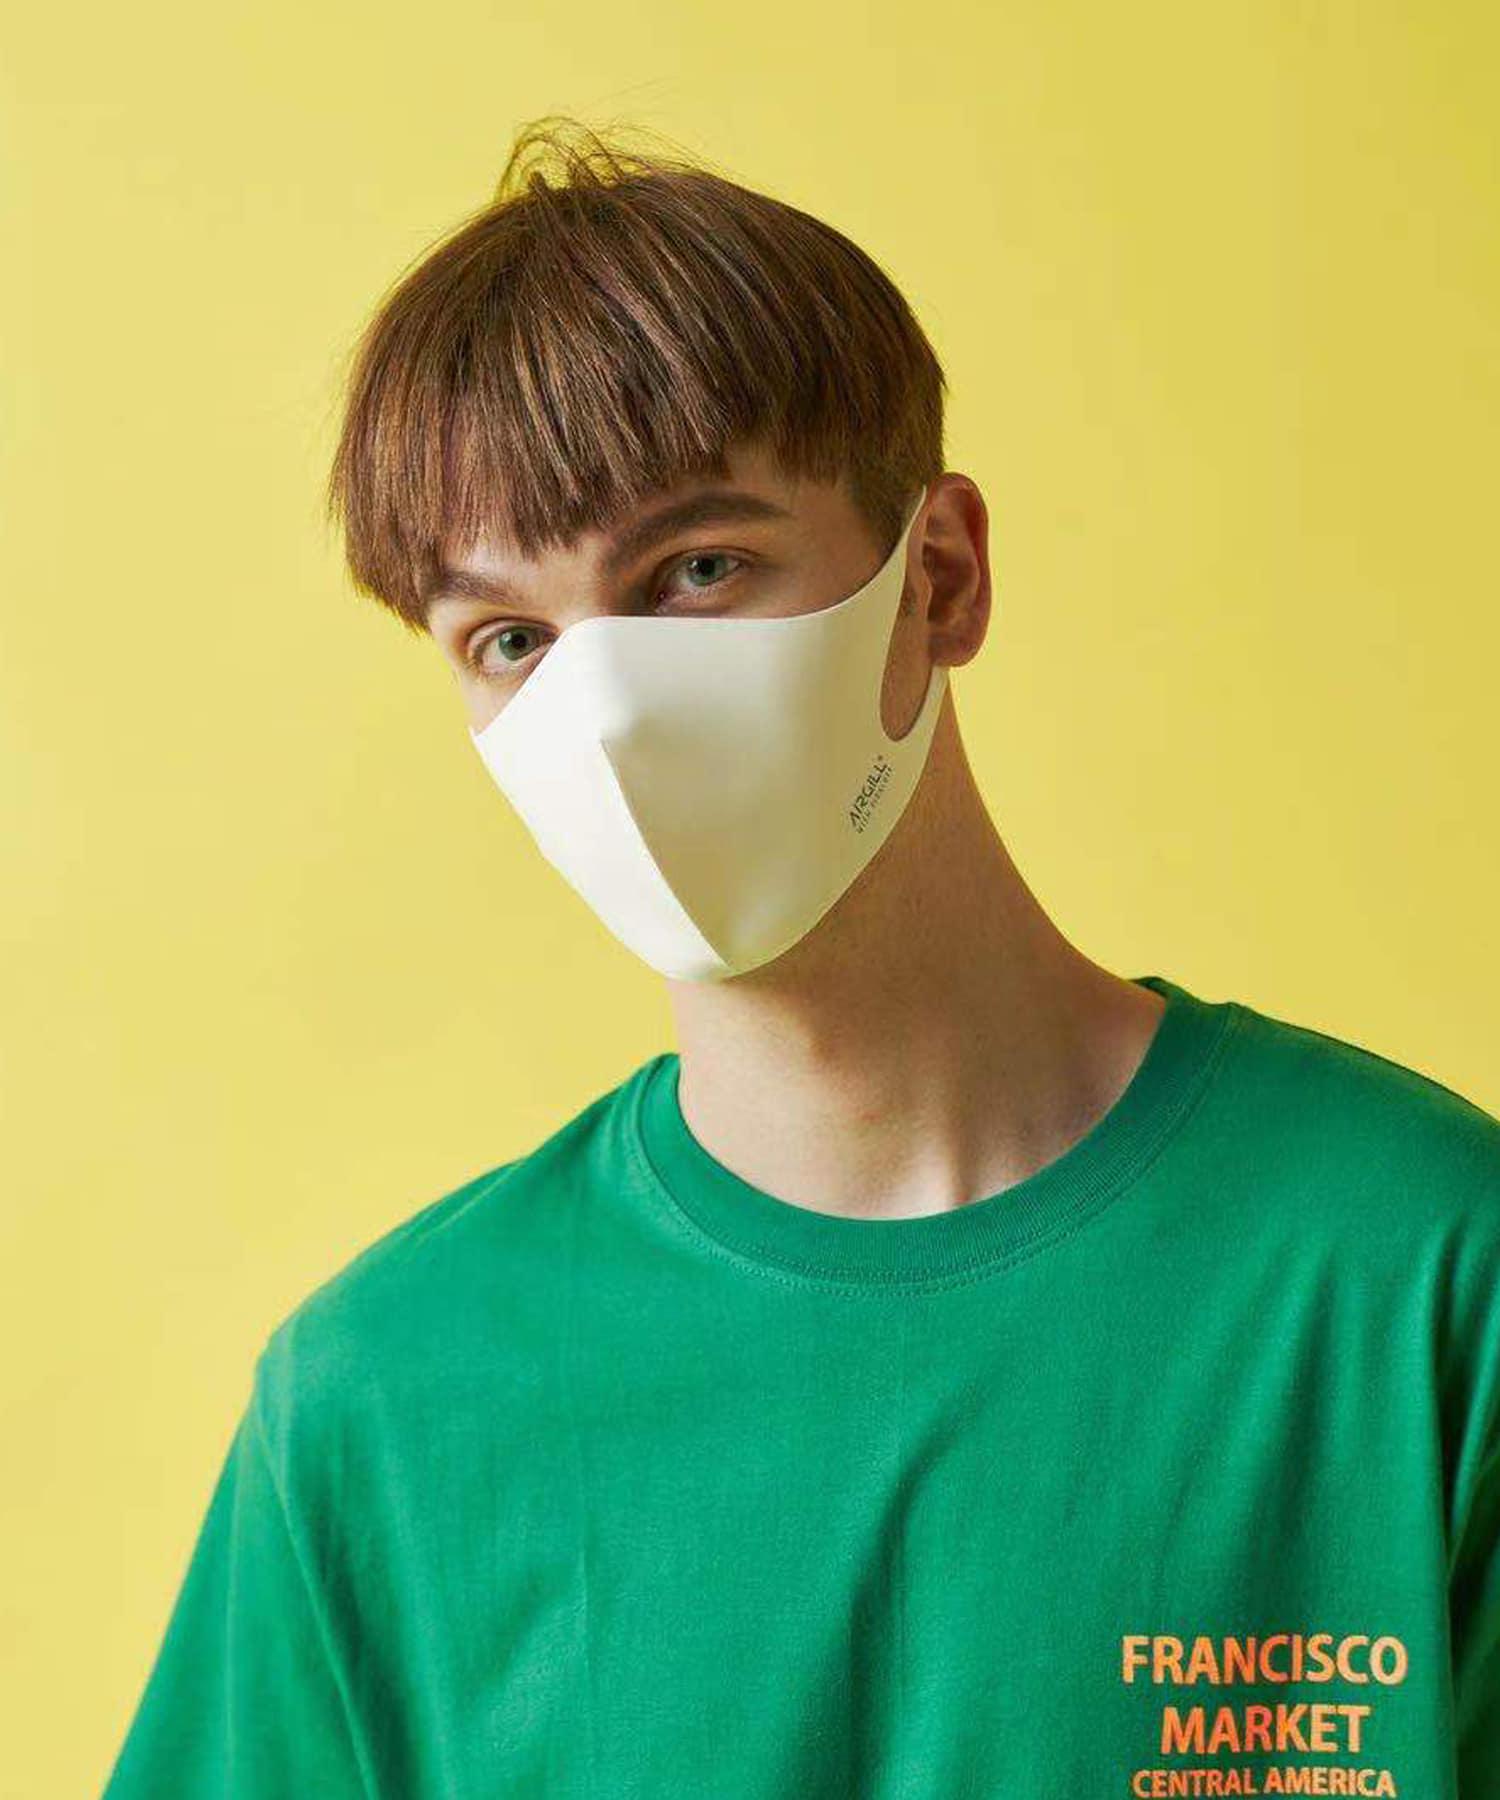 Daily russet(デイリー ラシット) レディース 【抗ウイルス・撥水・消臭・口臭予防】AIR GILLマスク ホワイトその他2